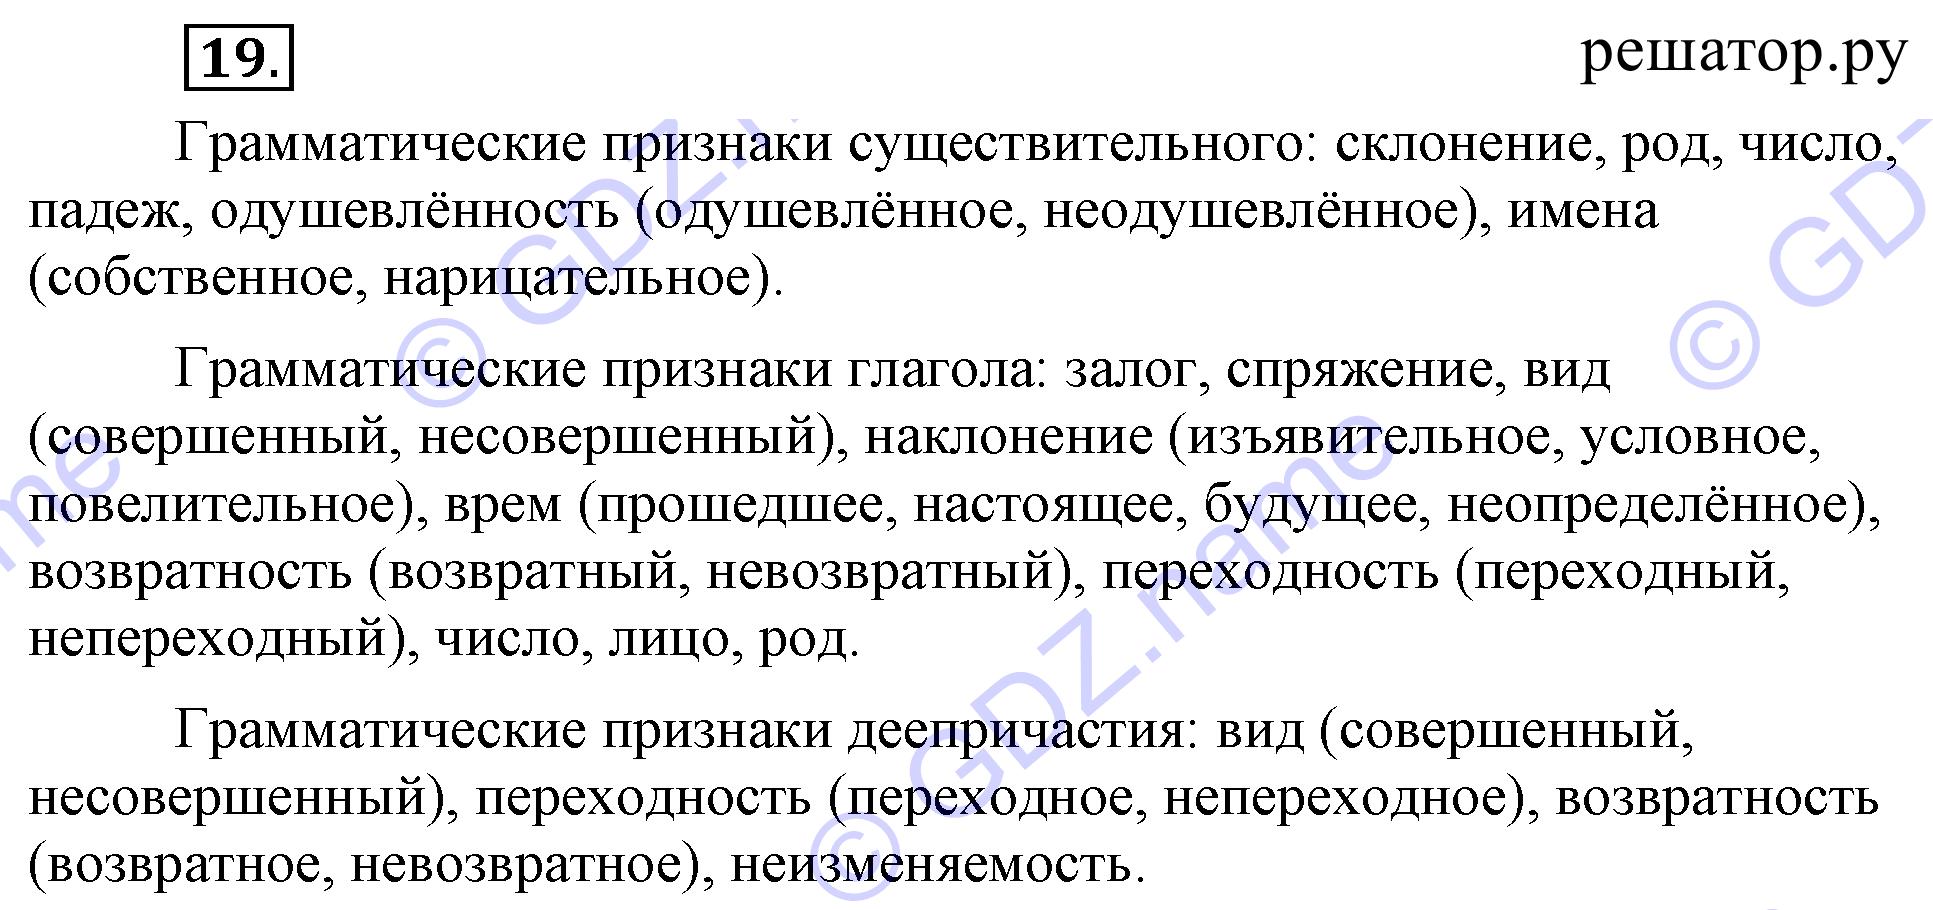 Гдз русский разумовская 8 класс онлайн